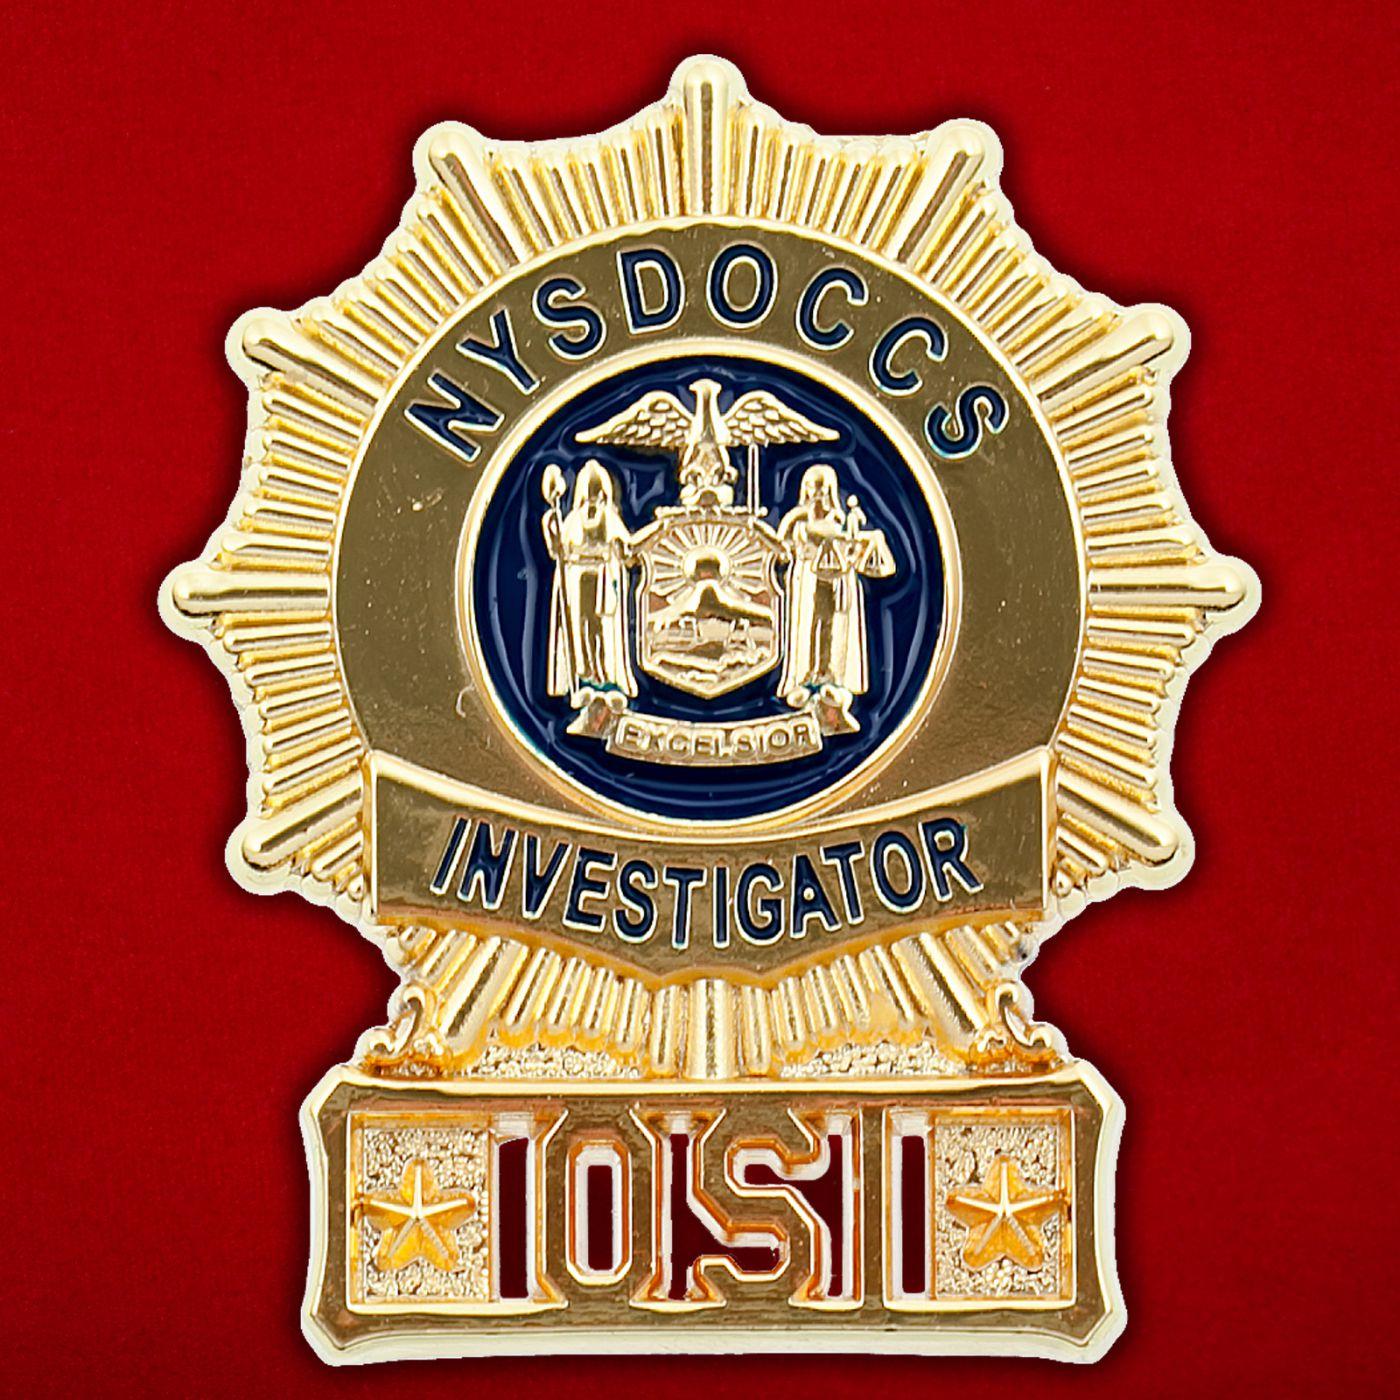 Значок Департамента исправительных учреждений штата Нью-Йорк